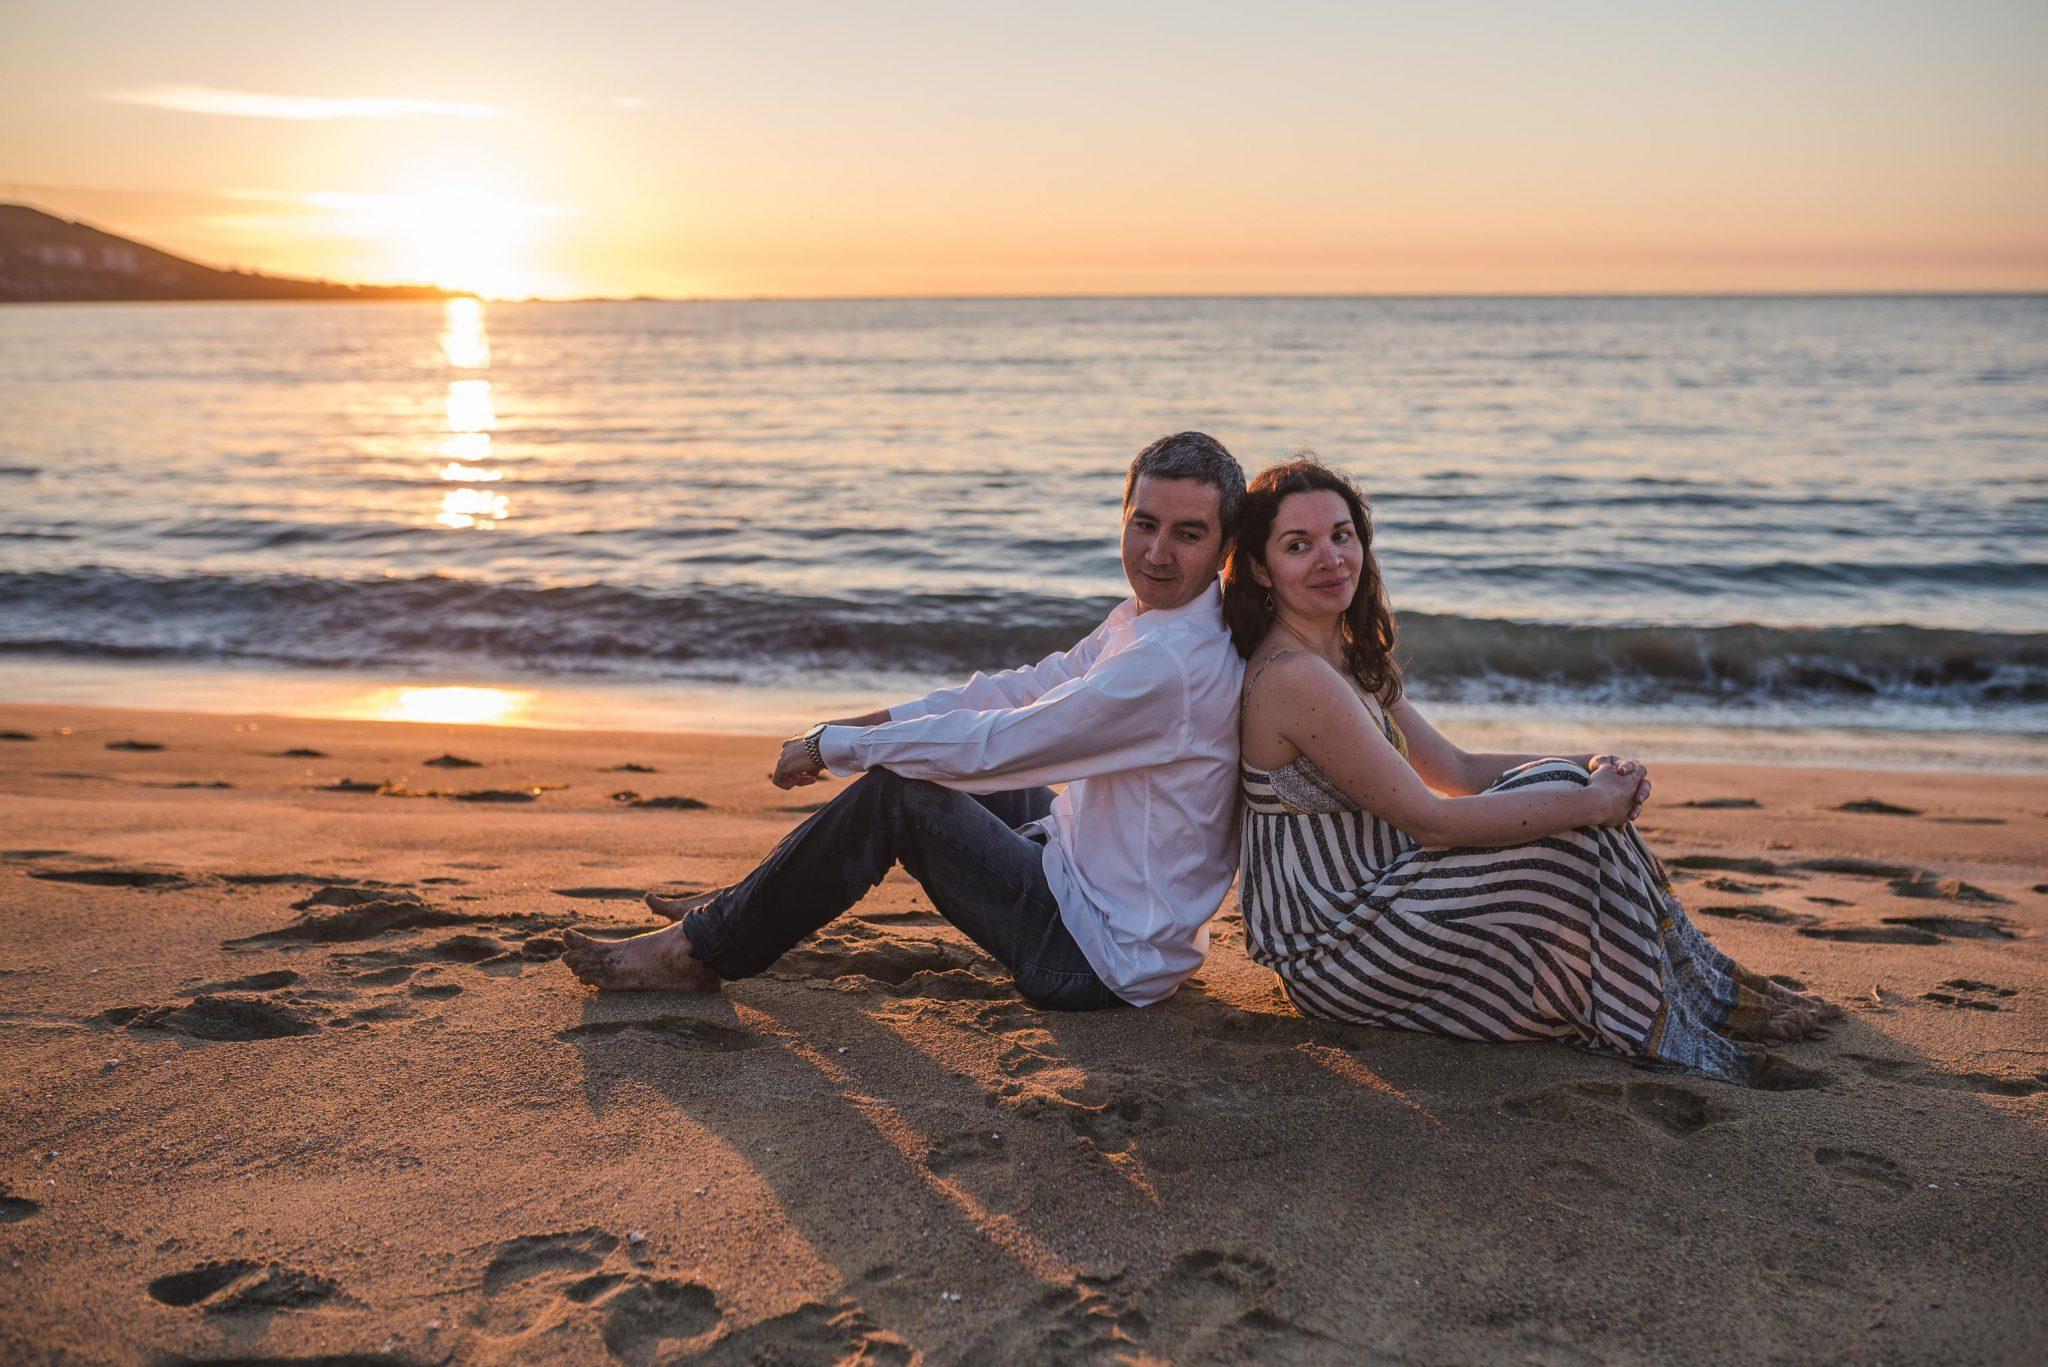 Sesión preboda-papudo-matrimonio-diego mena fotografia-fotografo matrimonio